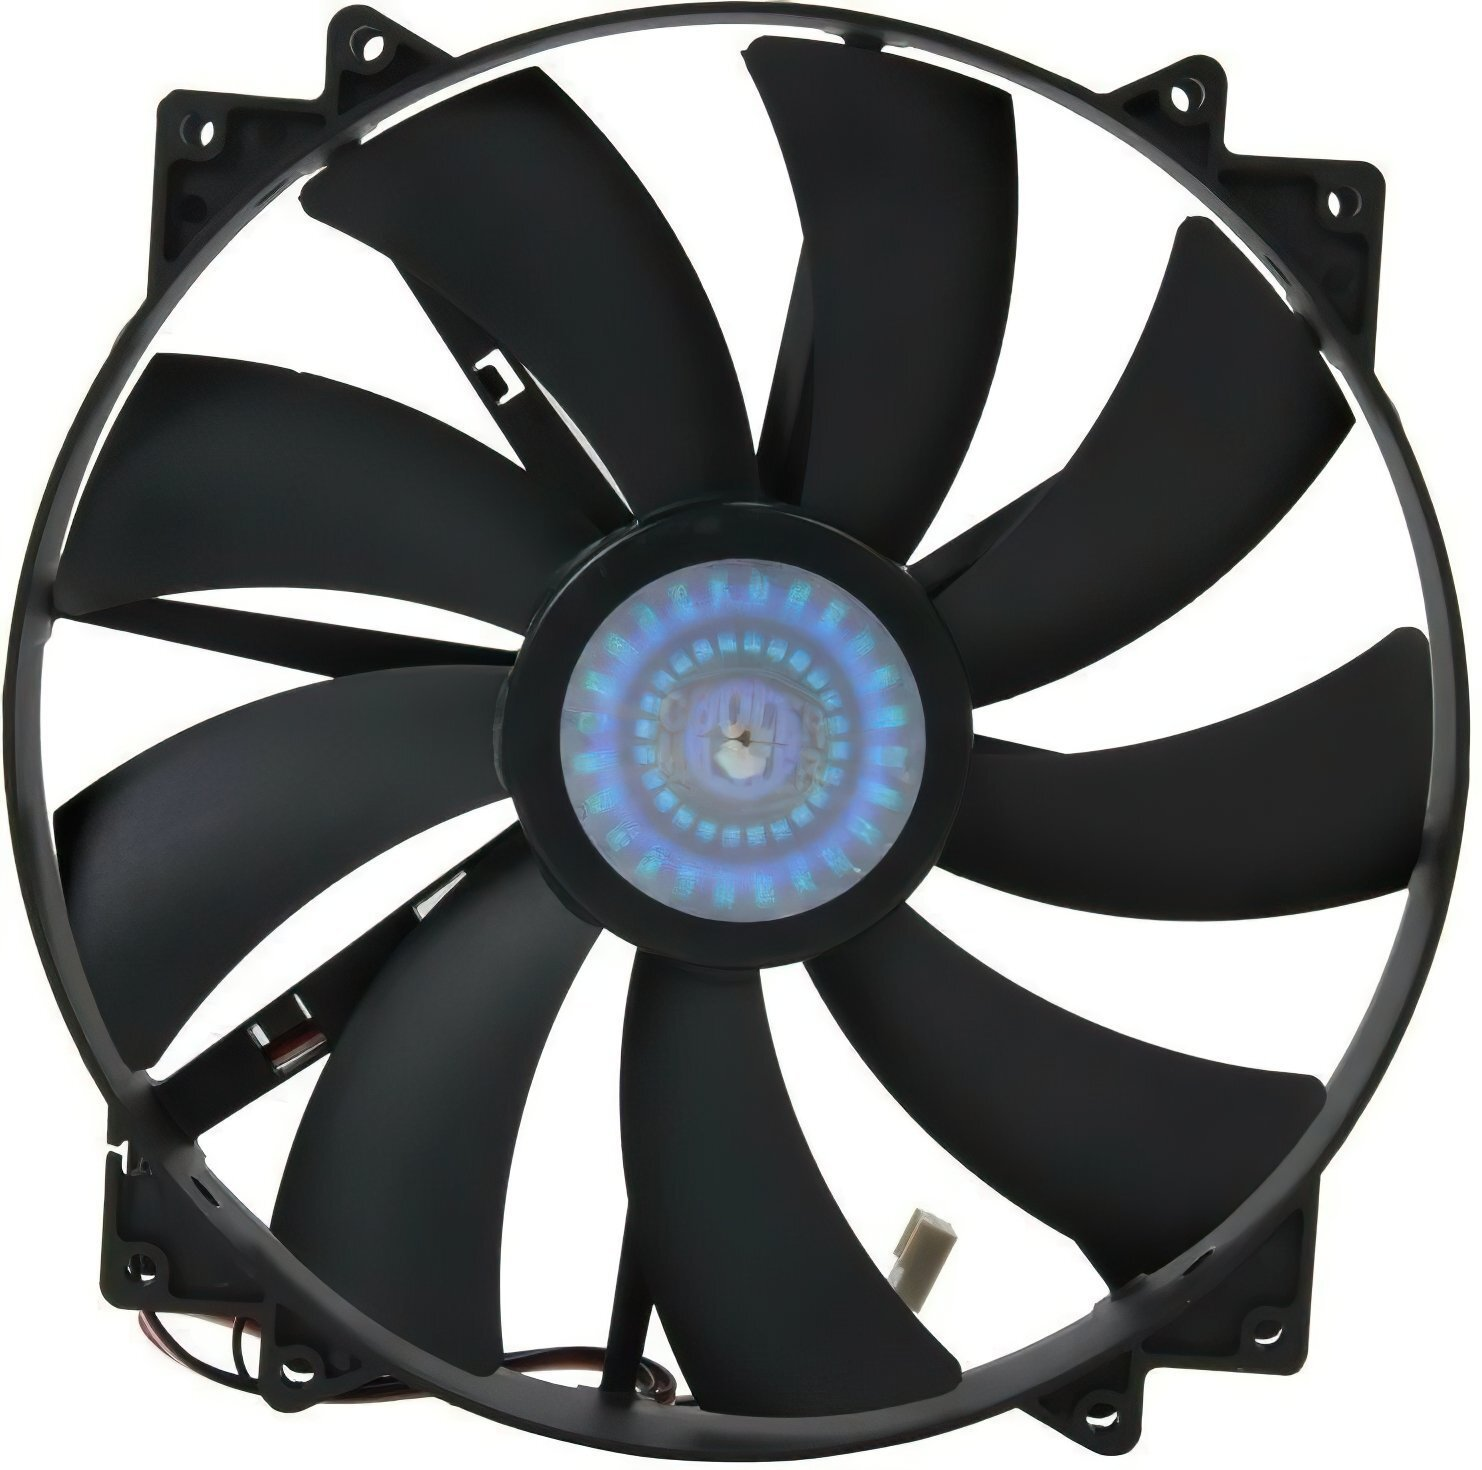 Корпусный вентилятор Cooler Master MegaFlow 200 Silent Fan,w/o LED,200мм,3pin+Molex (R4-MFJR-07FK-R1) фото